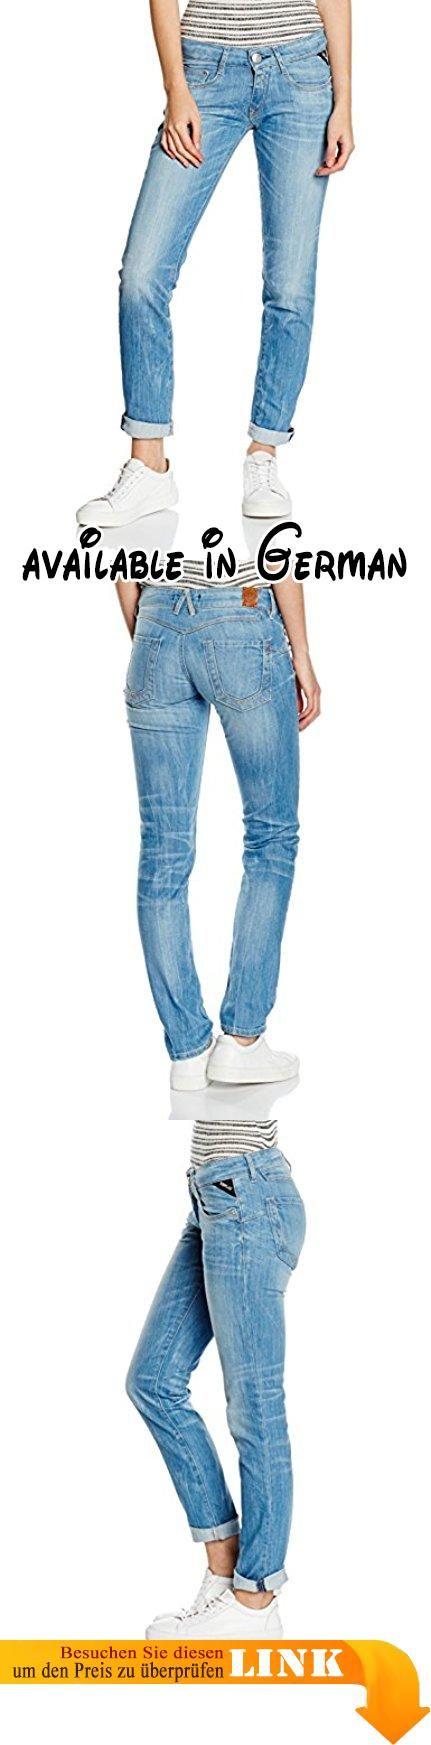 Replay Damen Jeanshose Radixes, Blau (Blue Denim 10), W27/L32 (Herstellergröße: 27). Slim. Diese Röhre von Replay sollte in keinem gut sortierten Kleiderschrank fehlen. Die schmal geschnittene Jeans passt sich dank des Stretch-Anteils und ihrer robusten Qualität perfekt an die Haut an. Mit engem Print-Shirt oder Longbluse, High Heels und interessanten Accessoires gelingen sexy Outfits wie von selbst. Die Radixes von Replay ist ein Must-Have für jede moderne Frau.. Qualitativ